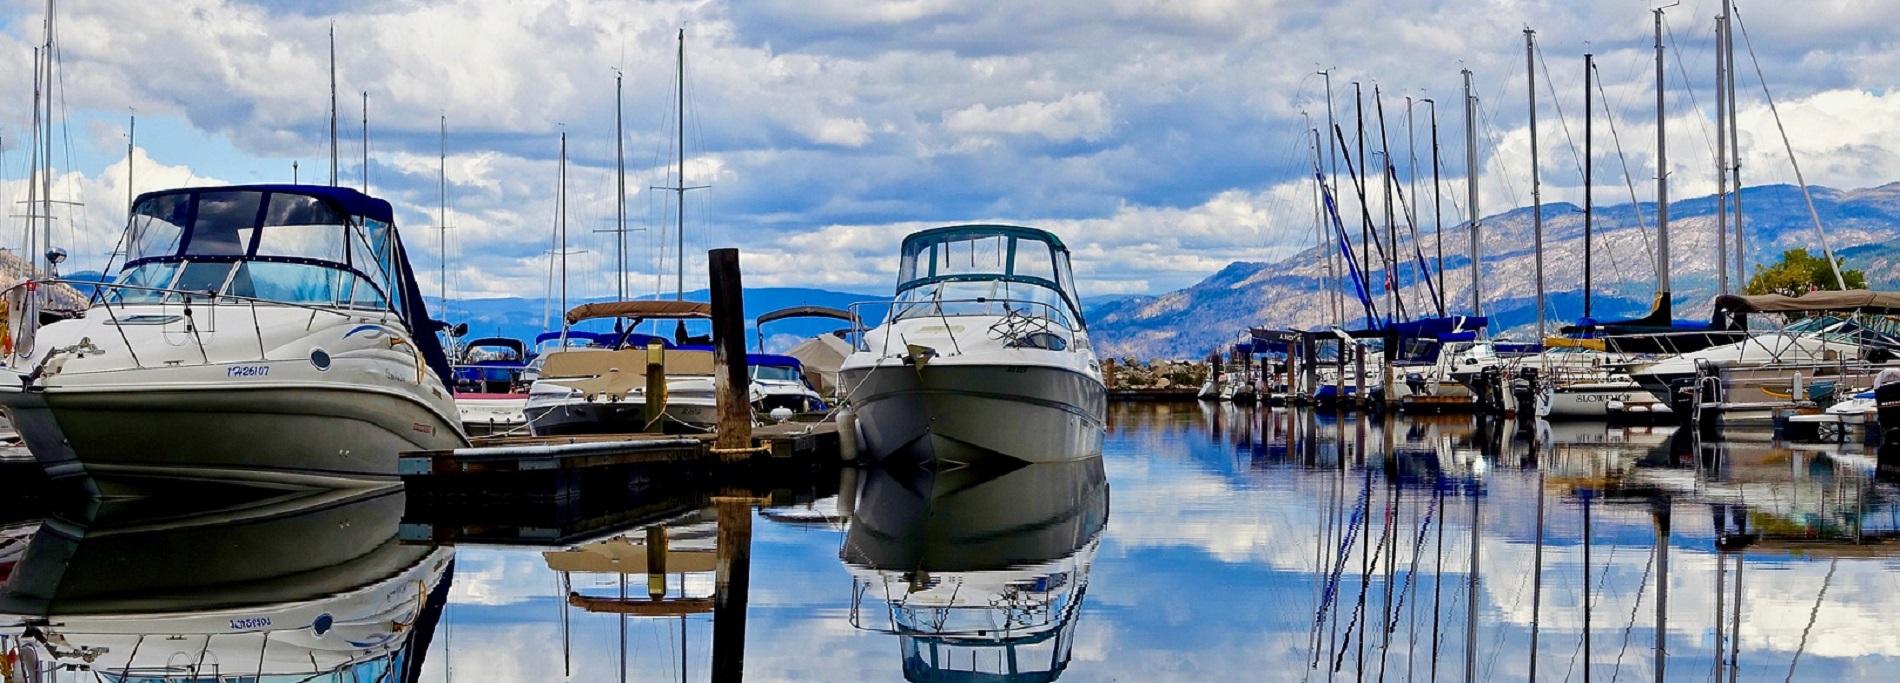 Bootsleasing oder Bootsfinanzierung